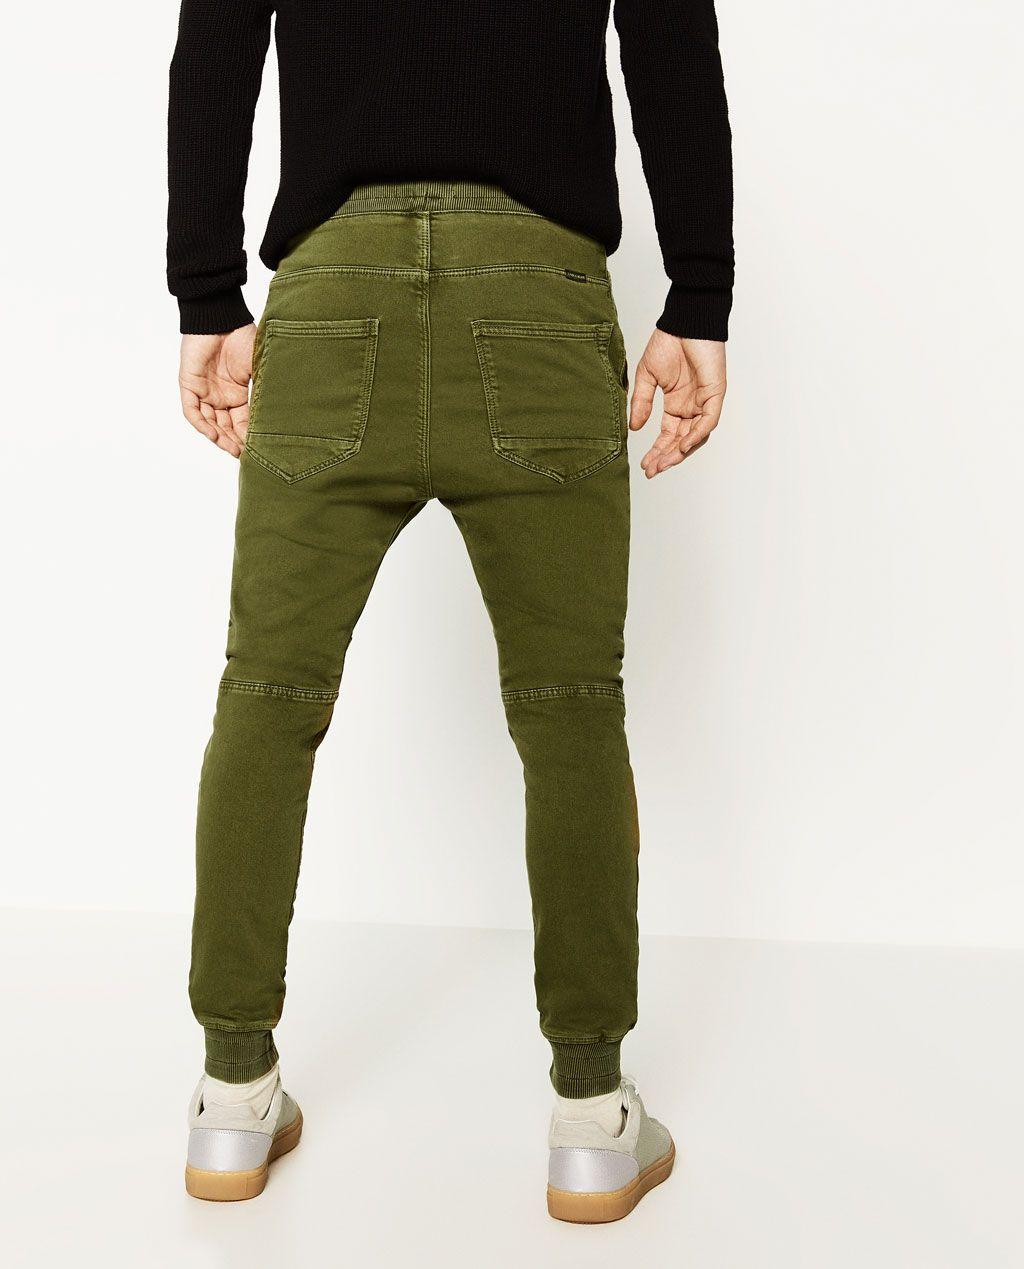 Zdjęcie 4 Materiału Spodnie Joggersy Zara Jogging Z Miękkiego Zara Jeans Trousers OOwrqdS